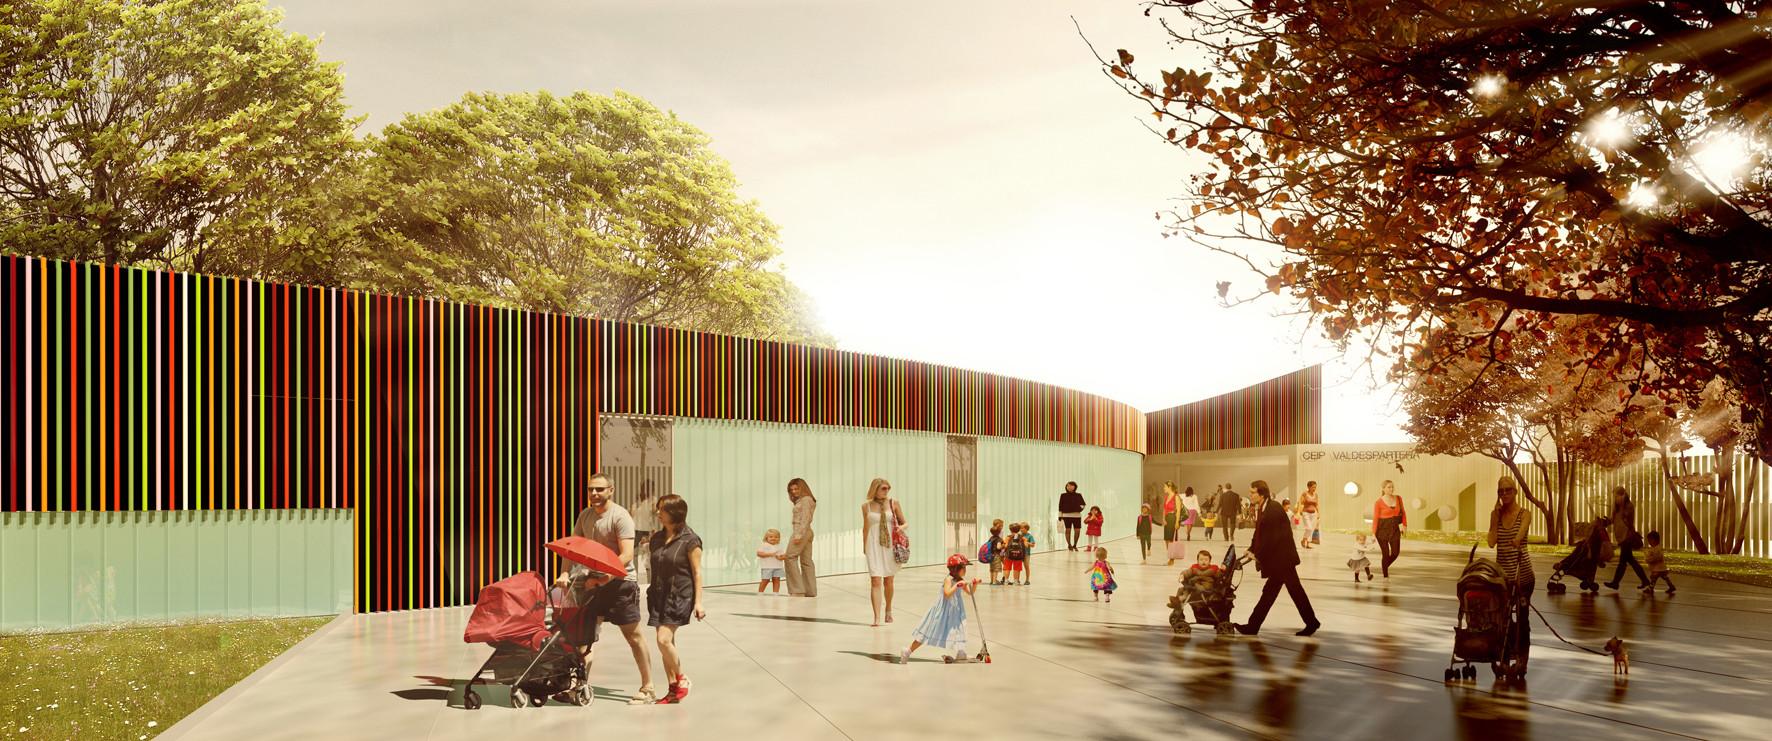 Jardin infantil tag plataforma arquitectura for Restaurante escuela de arquitectos madrid